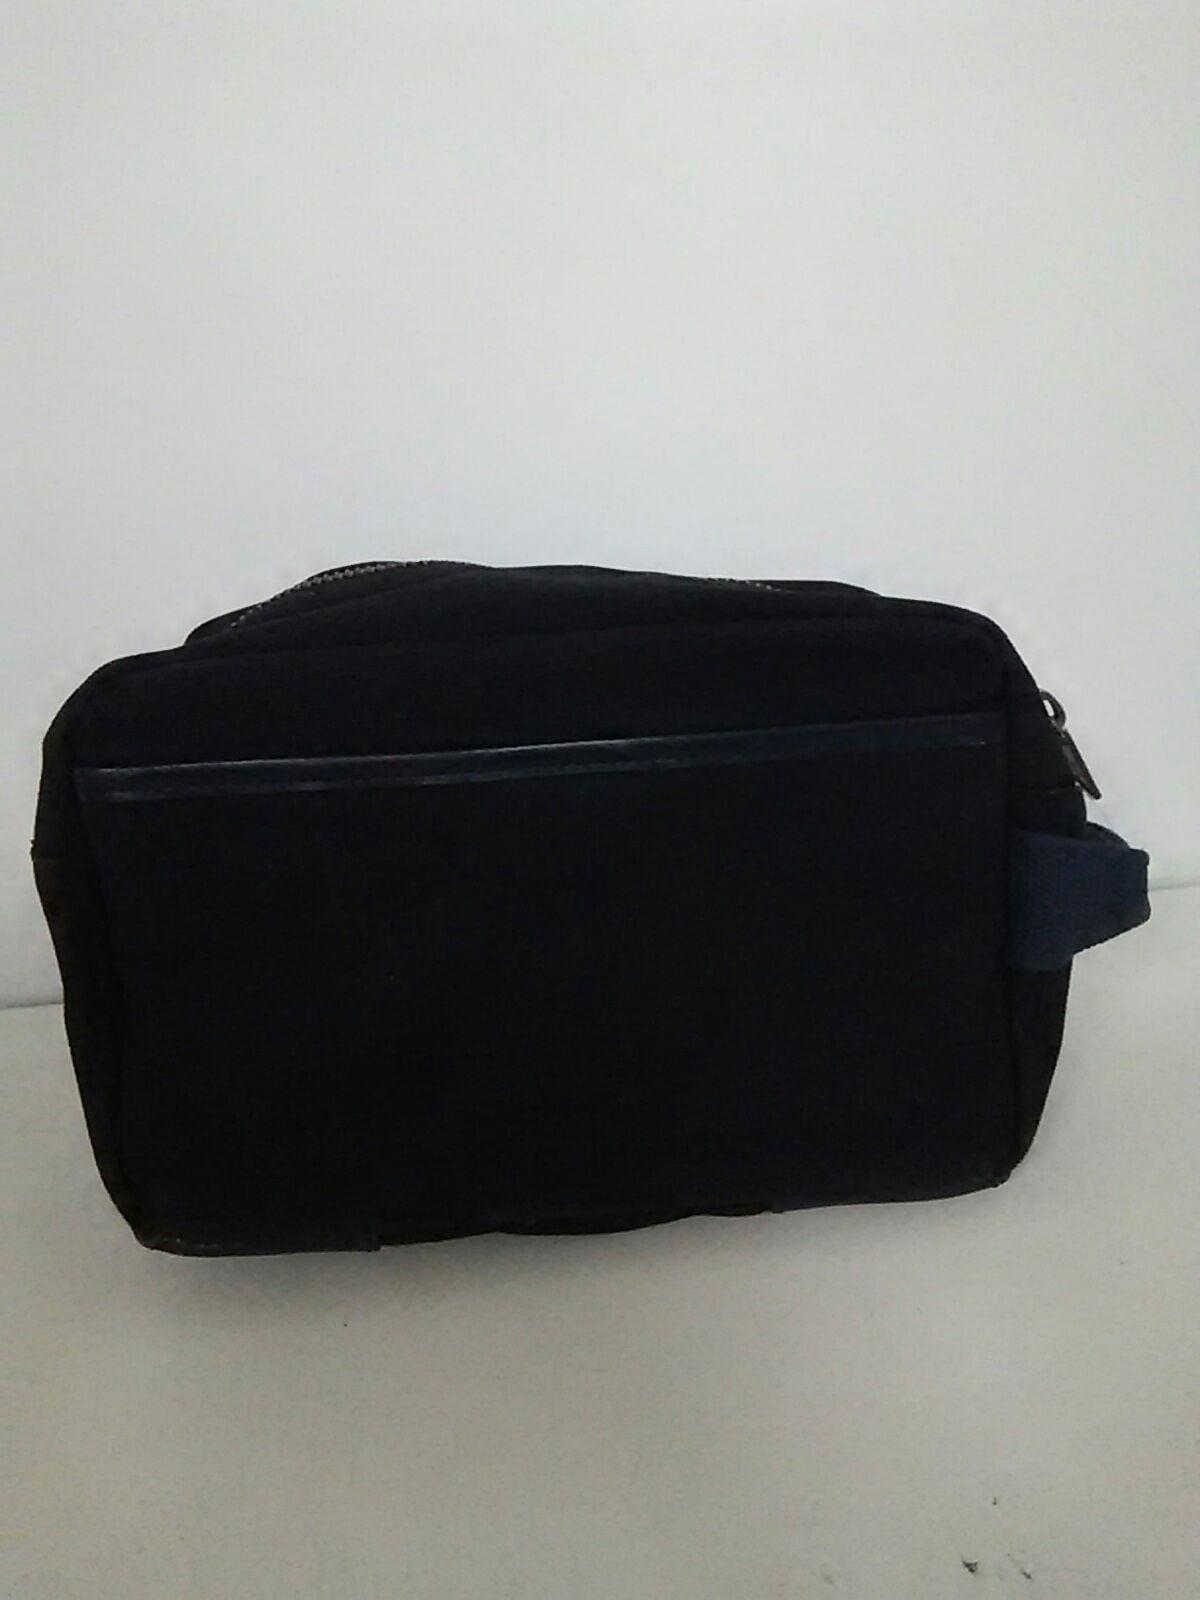 PaulSmith(ポールスミス)のセカンドバッグ